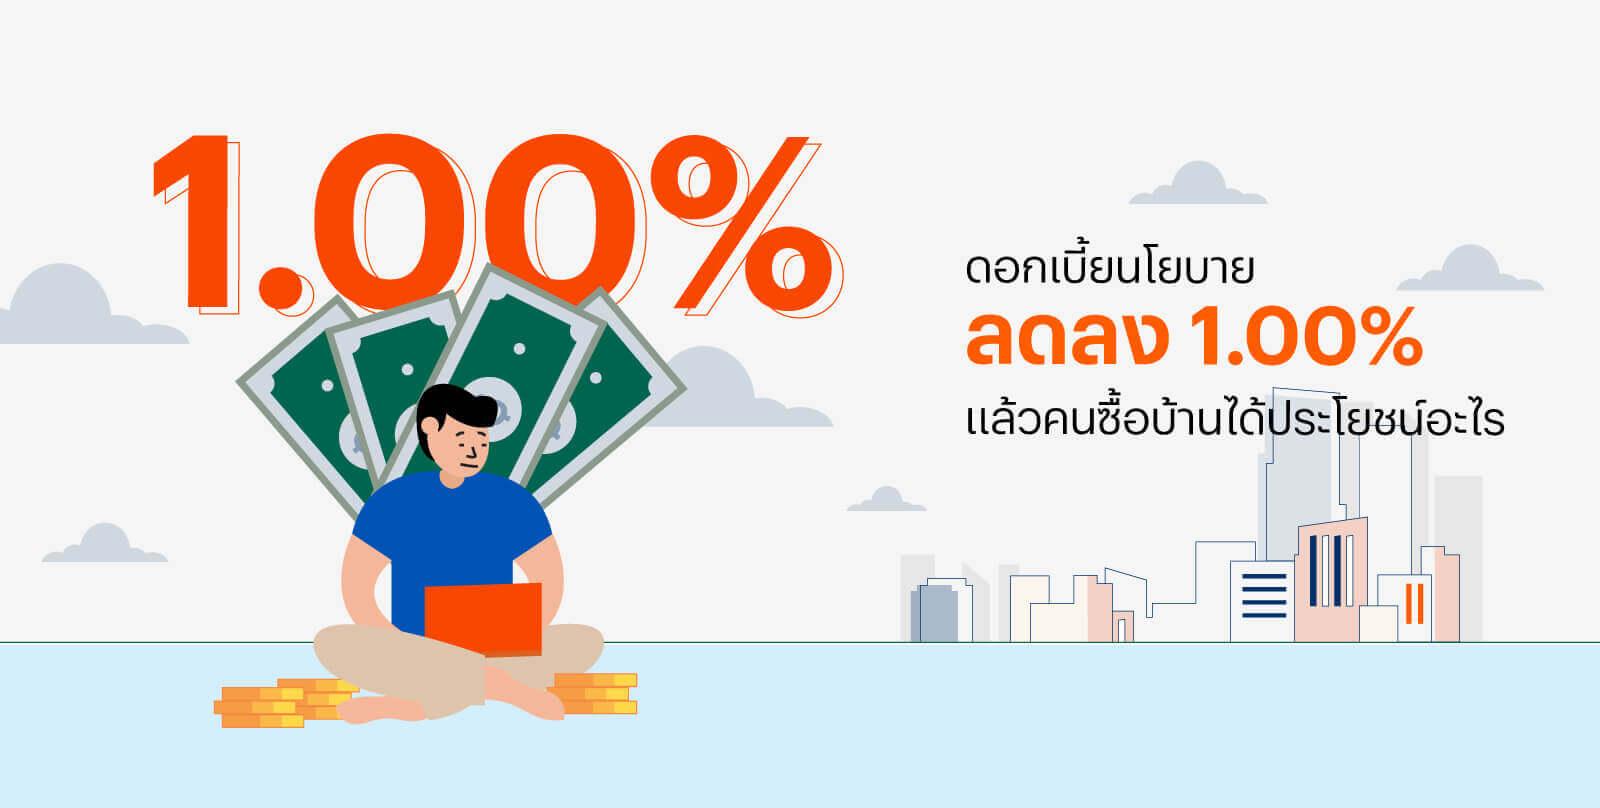 ดอกเบี้ยนโยบายลดลง 1เปอร์เซนต์ แล้วคนซื้อบ้านได้ประโยชน์อะไร